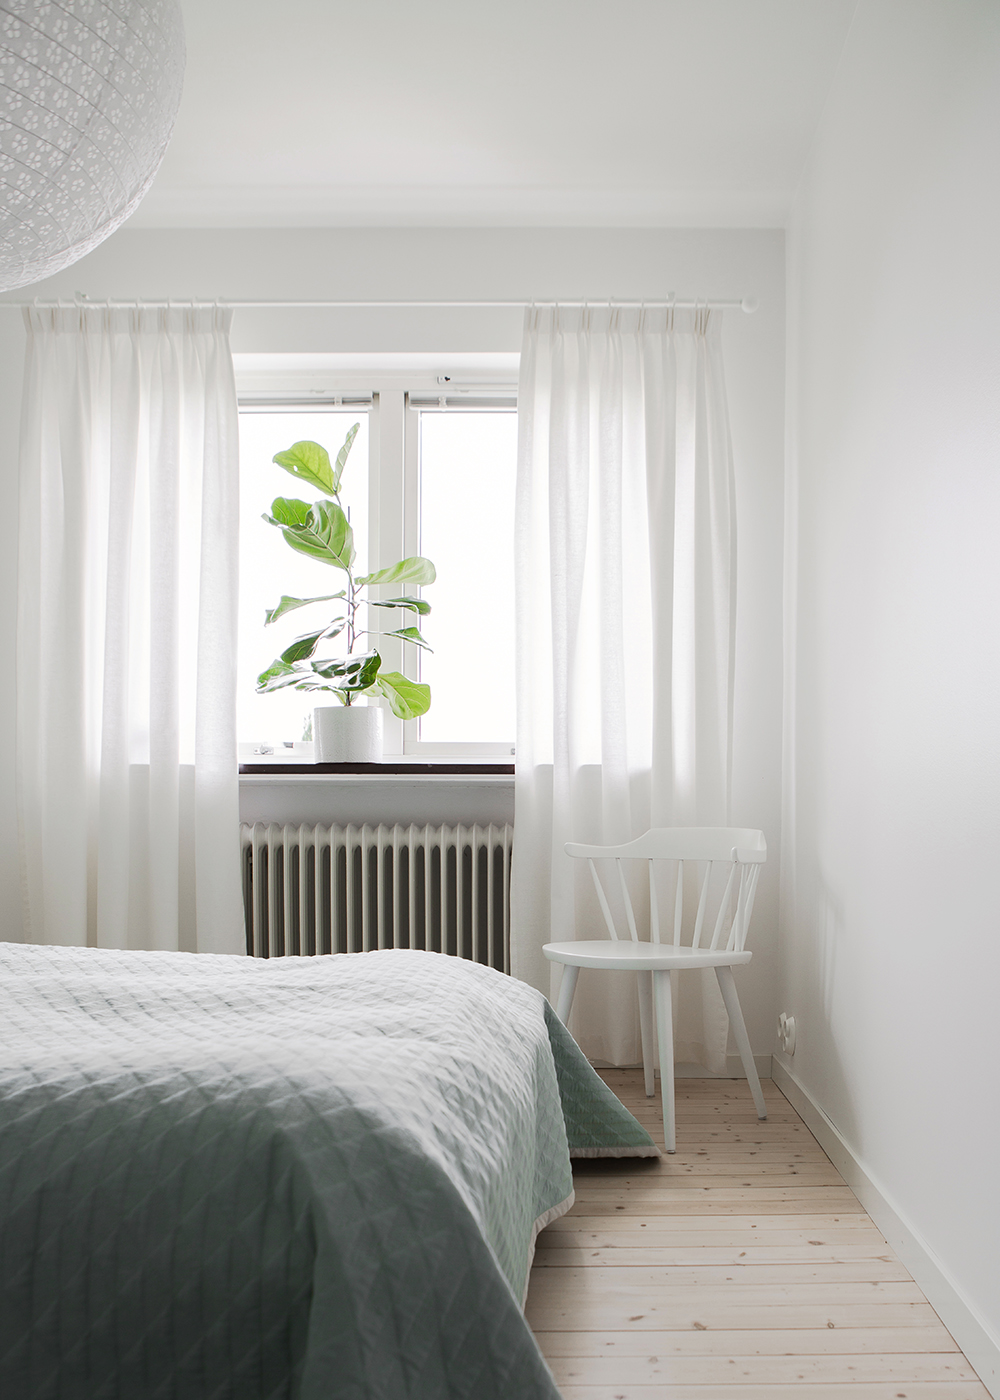 Vitt, avskalat och mjuka kontraster i veckans interiör! ELLE Decoration